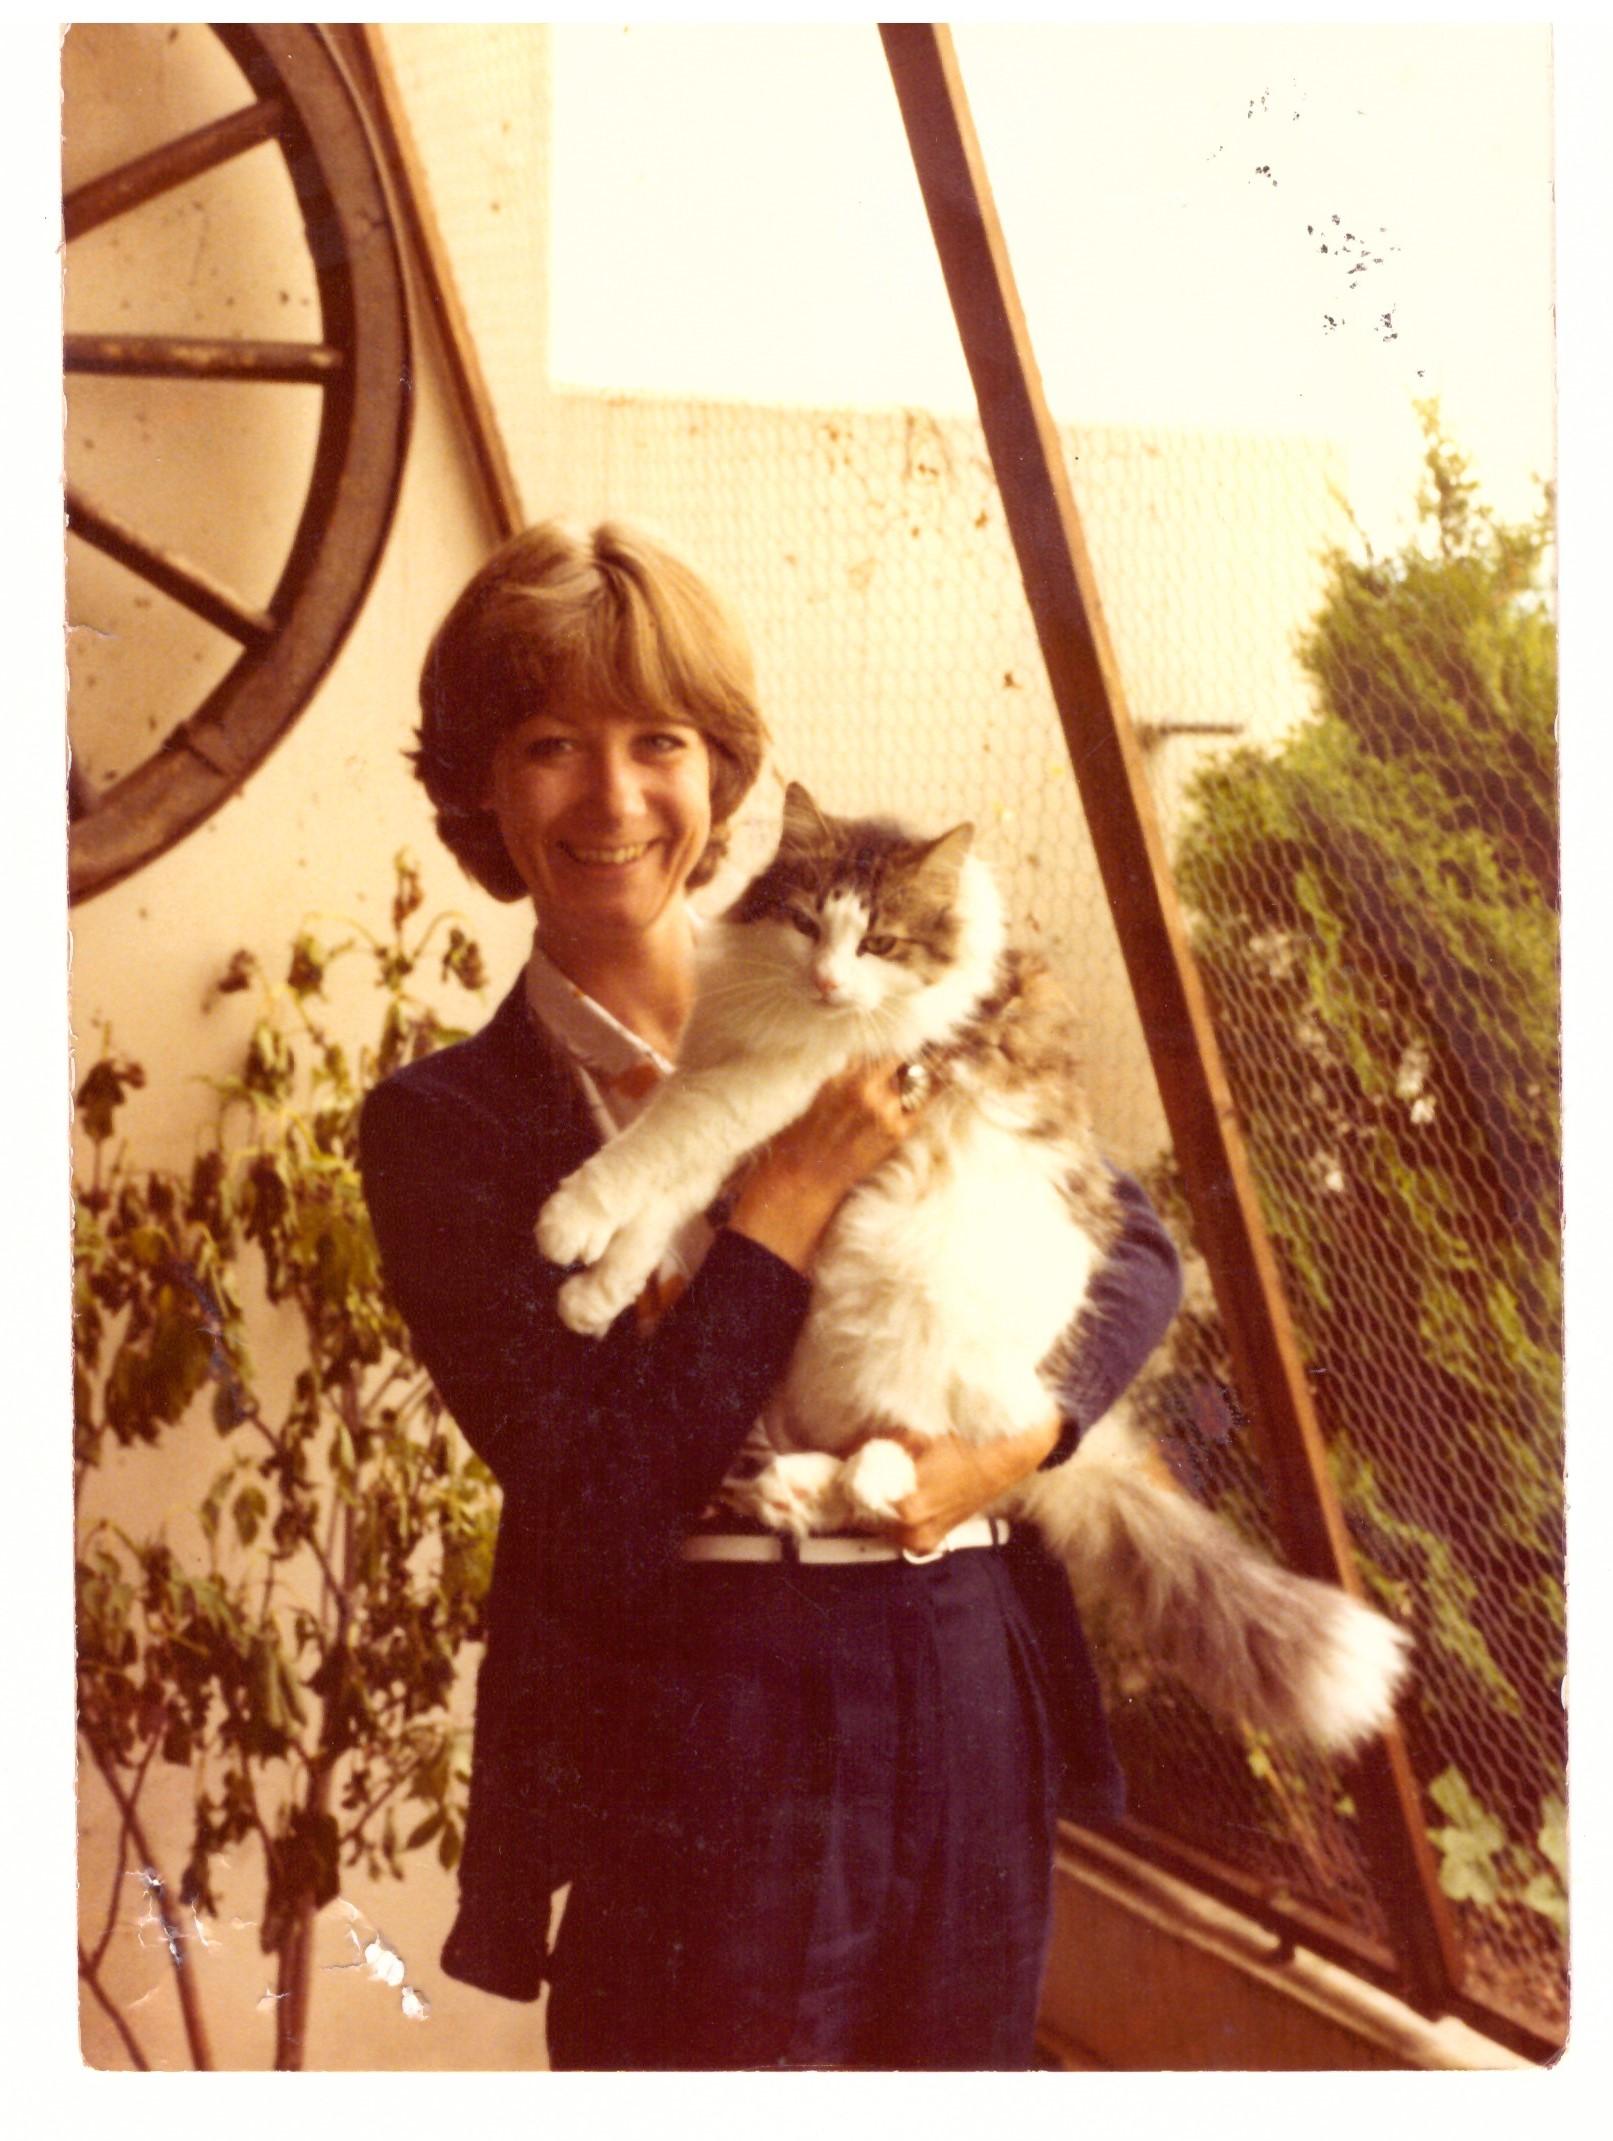 Timotei 1981